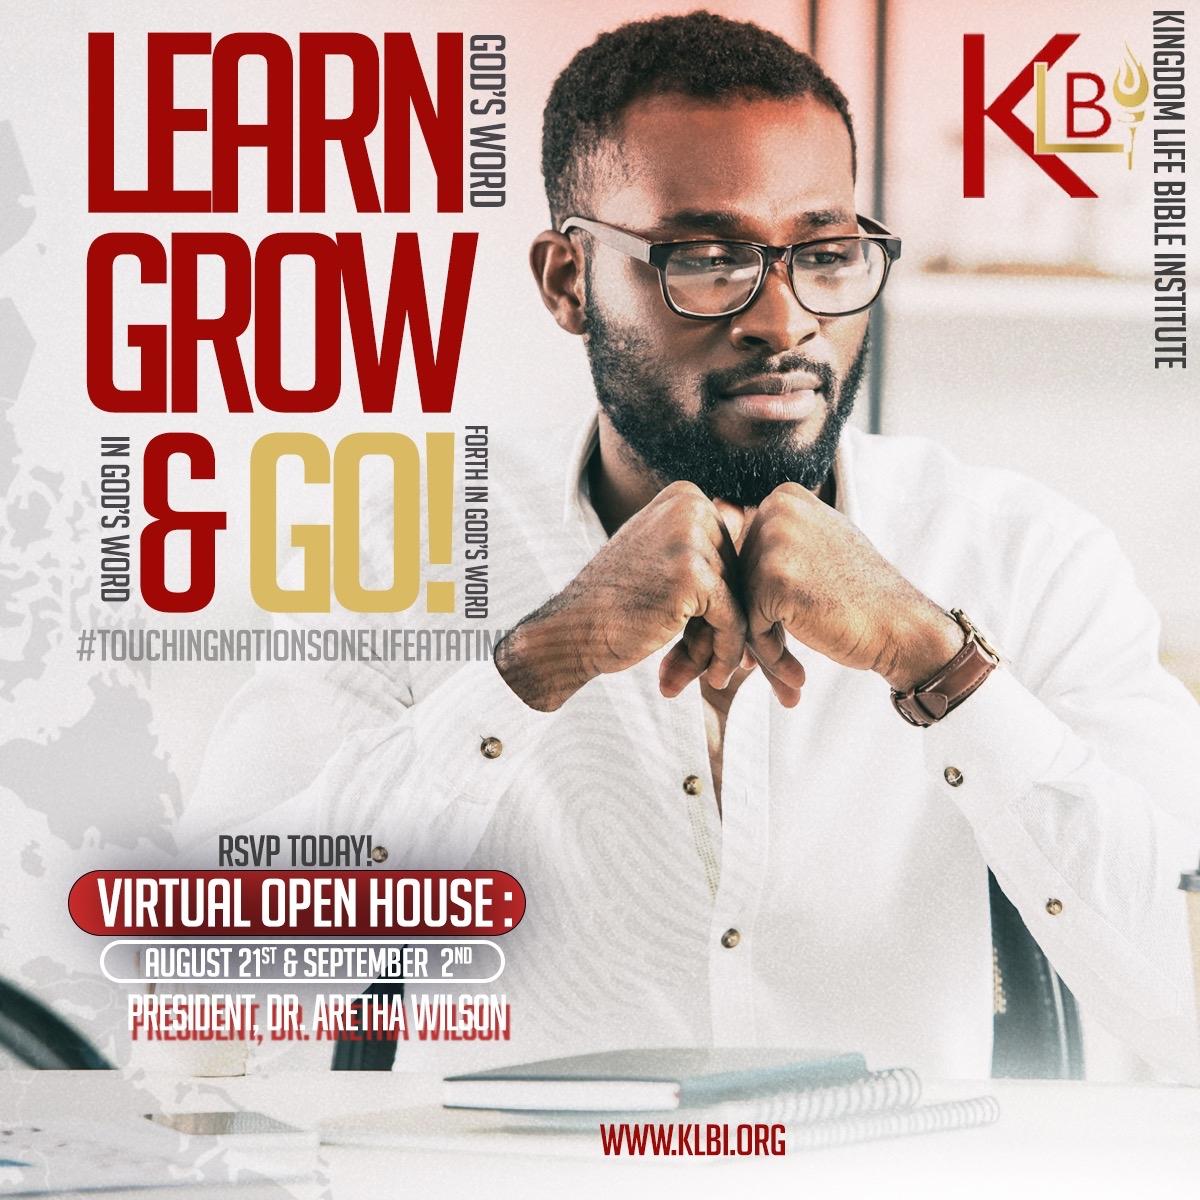 learn grow and go